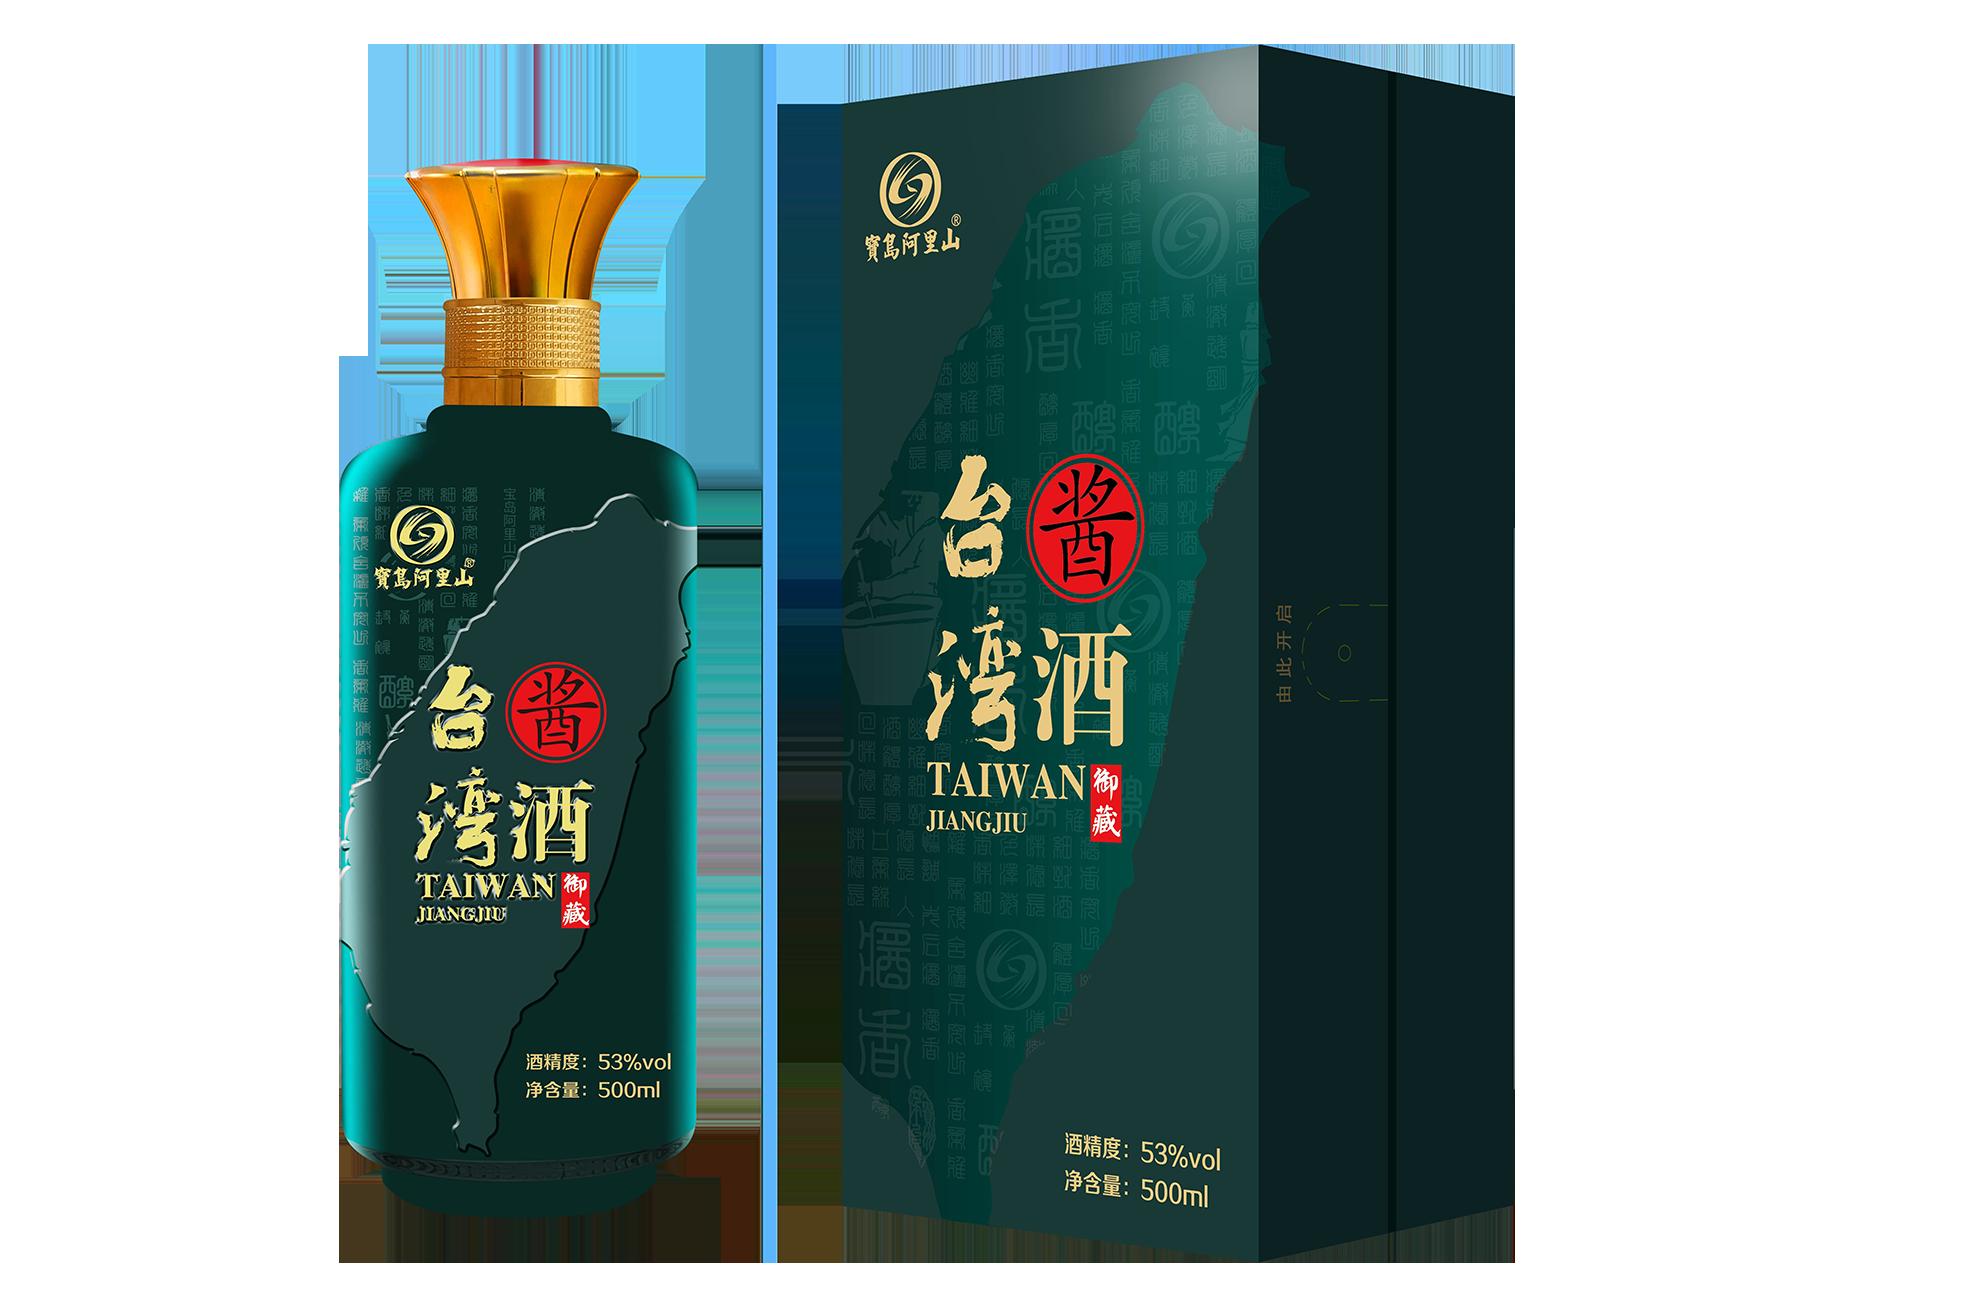 台湾酱酒新品 宝岛阿里山台湾高粱酒53度台白酒新品500ml